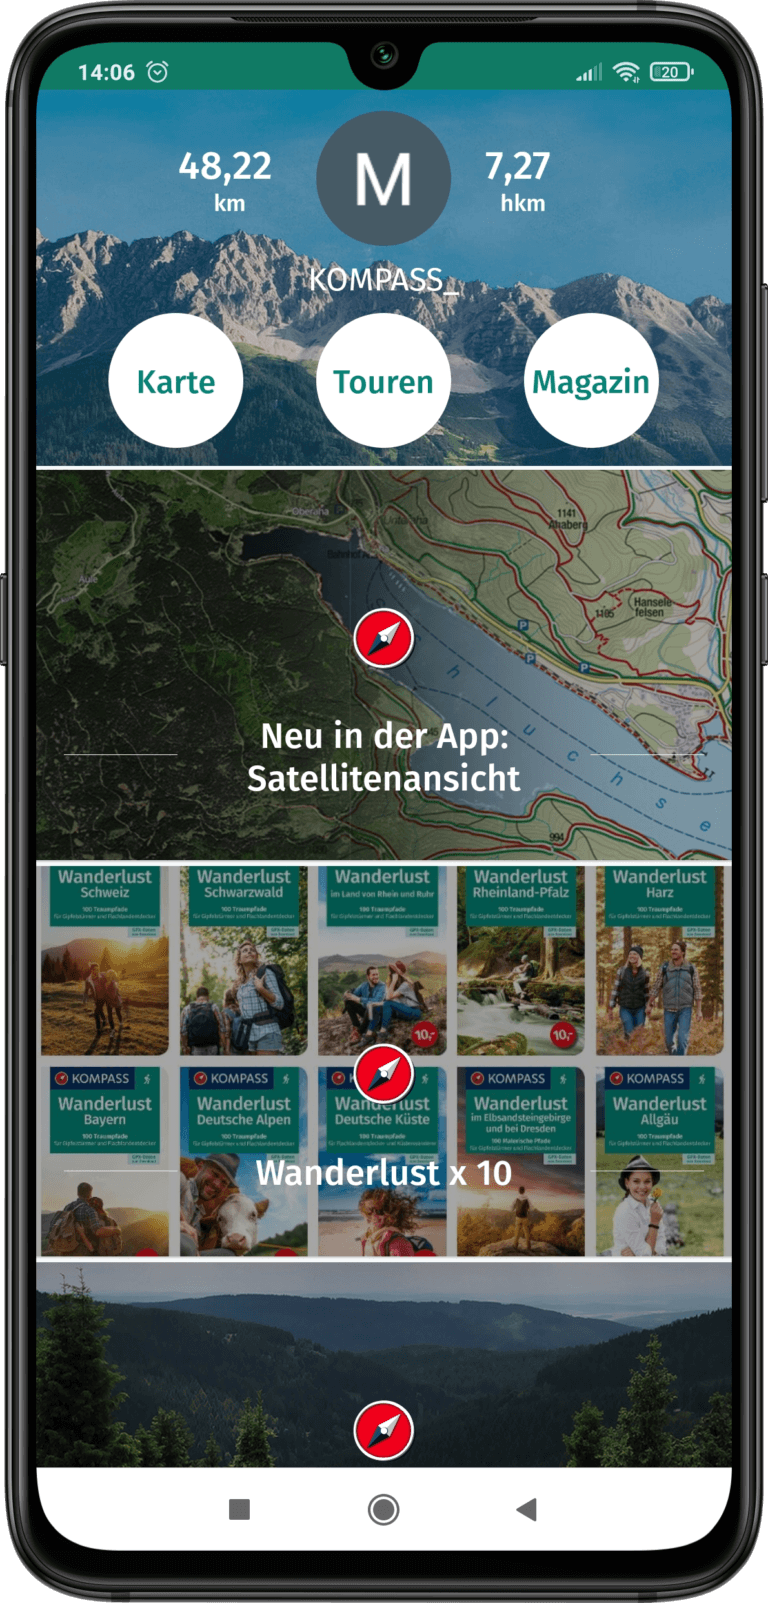 App Screenshot - die Startseite der App